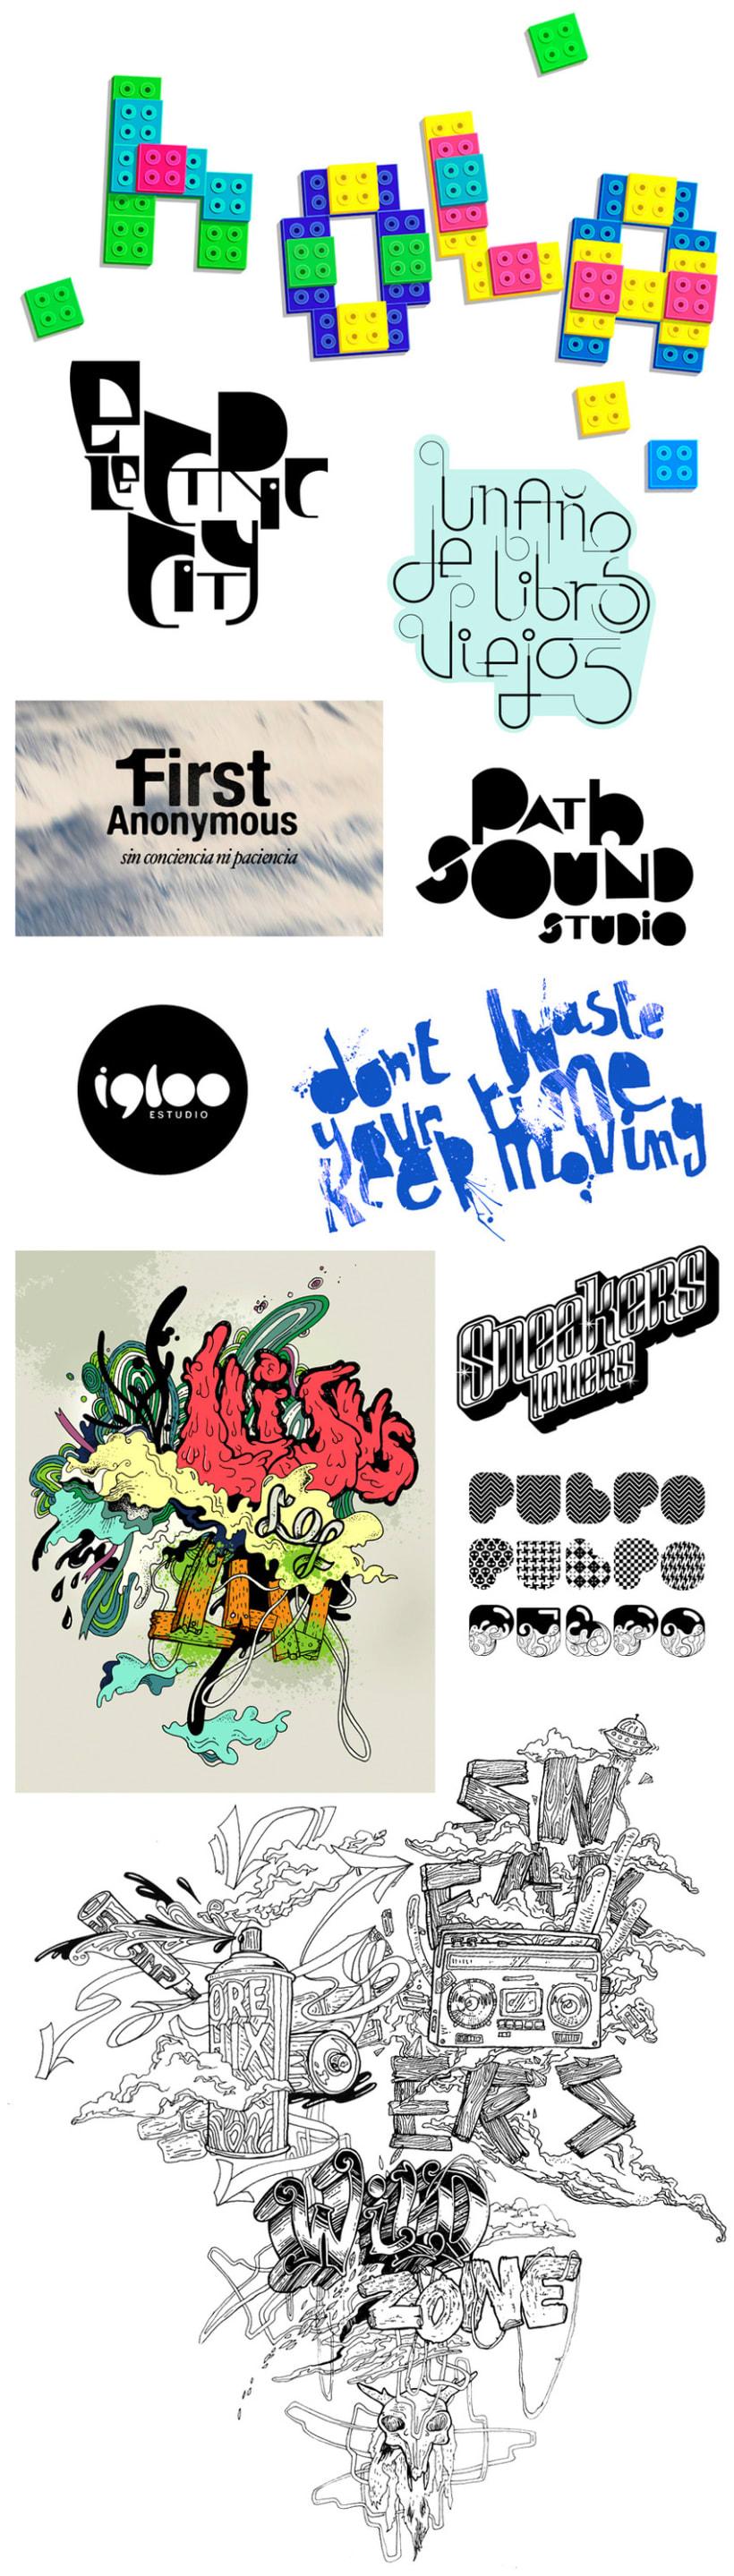 tipos y logos 1